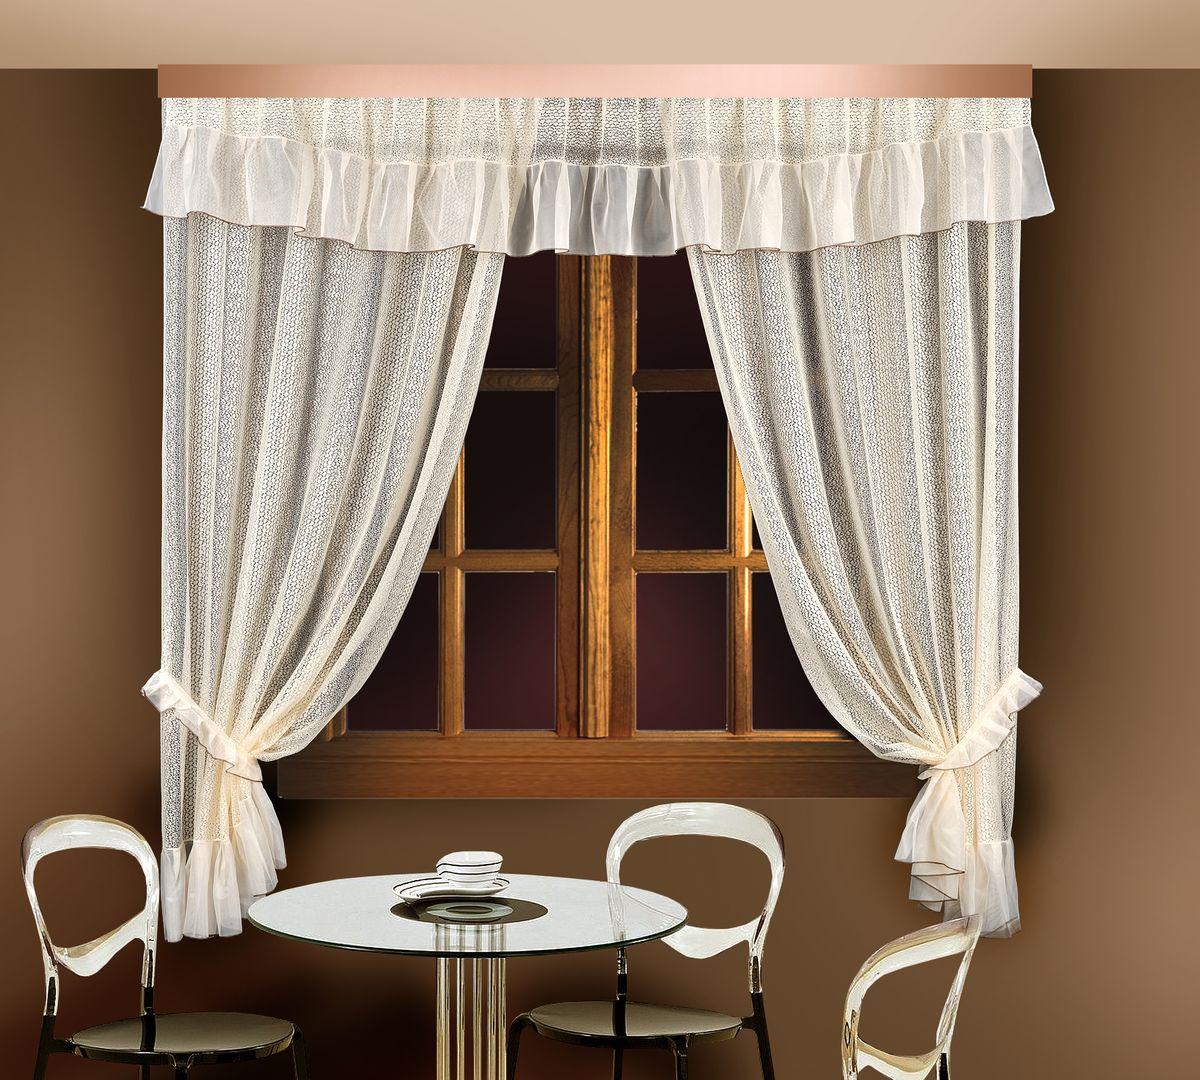 Комплект штор для кухни Zlata Korunka, цвет: кремовый, высота 250 см. 88835 шторы для кухни drdeco комплект штор basilic дизайн 9